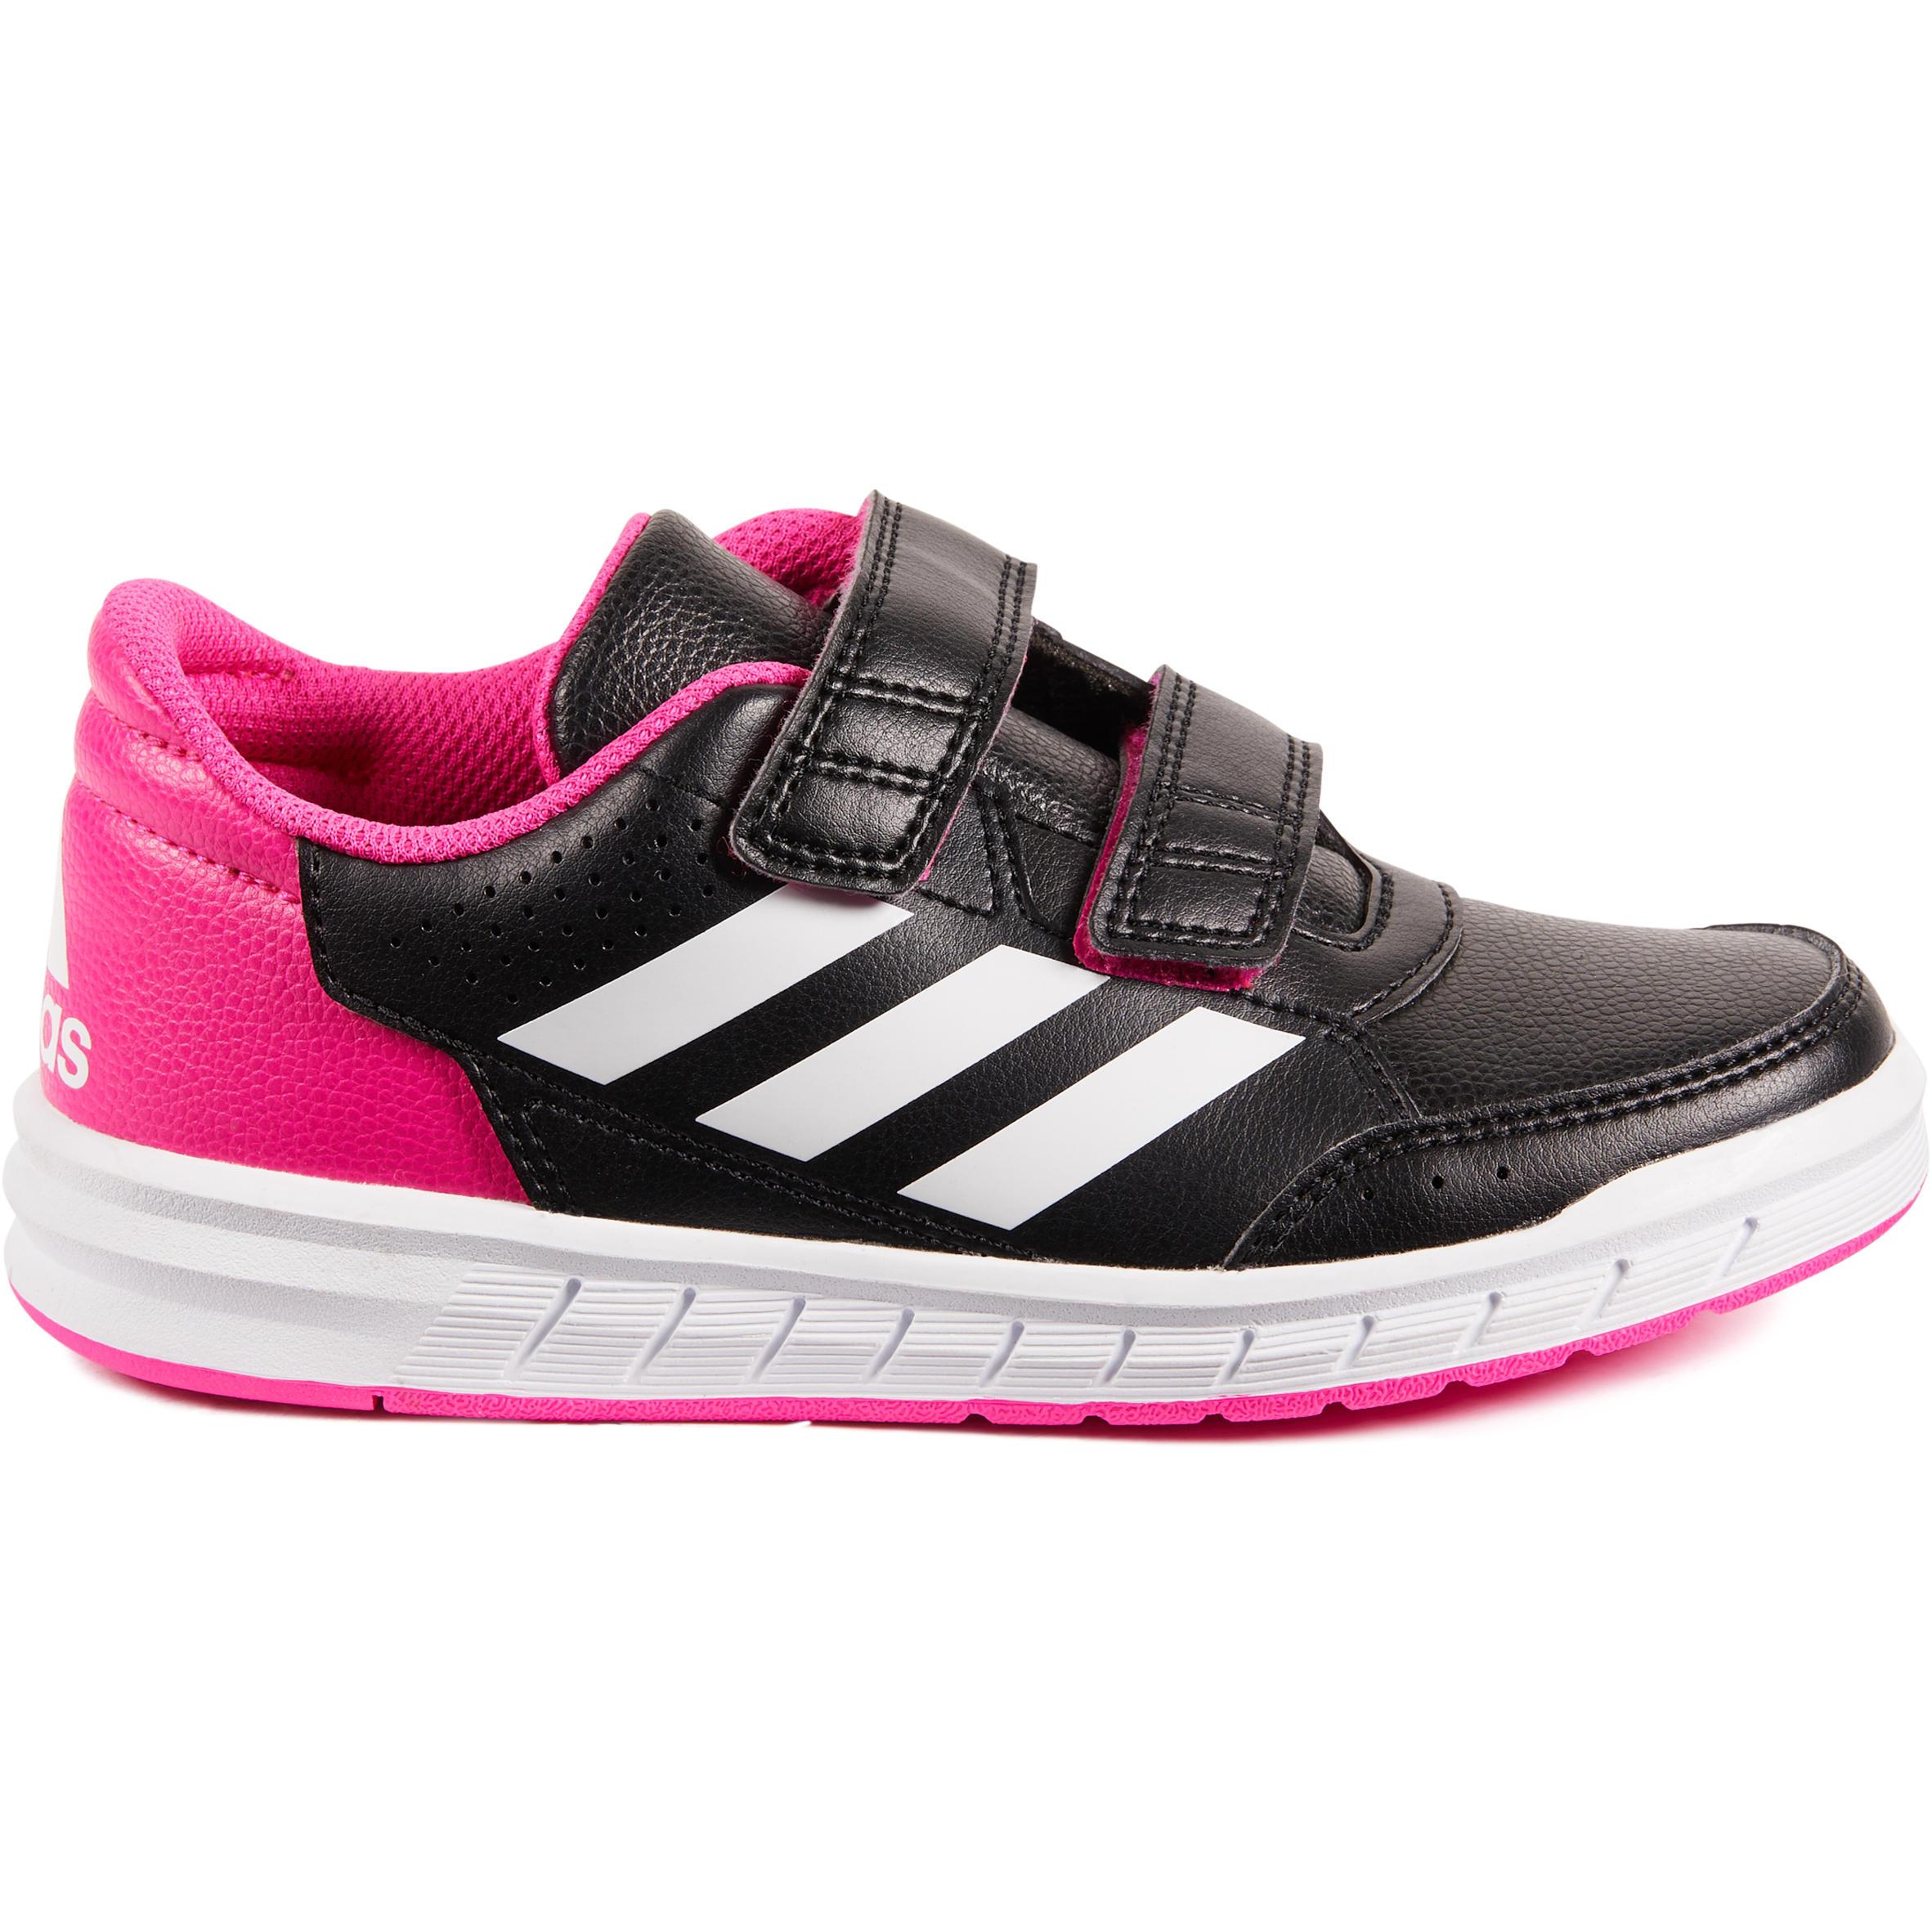 Kleidung & Accessoires Kinderturnschuhe Hallenschuhe Gr Kindermode, Schuhe & Access. 33 Adidas Gutes Renommee Auf Der Ganzen Welt